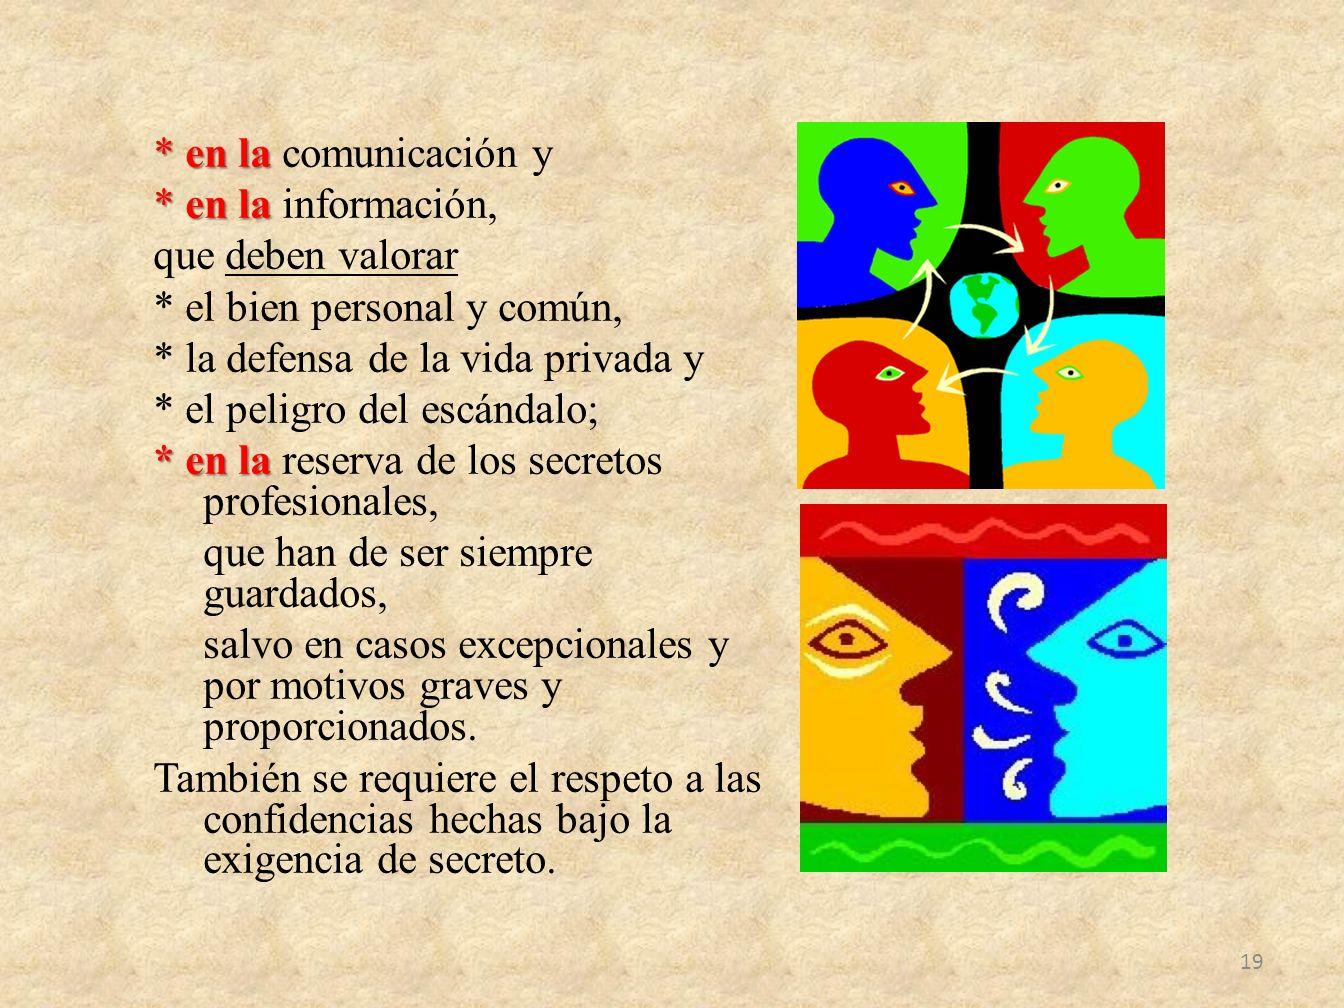 en la comunicación y. en la información, que deben valorar